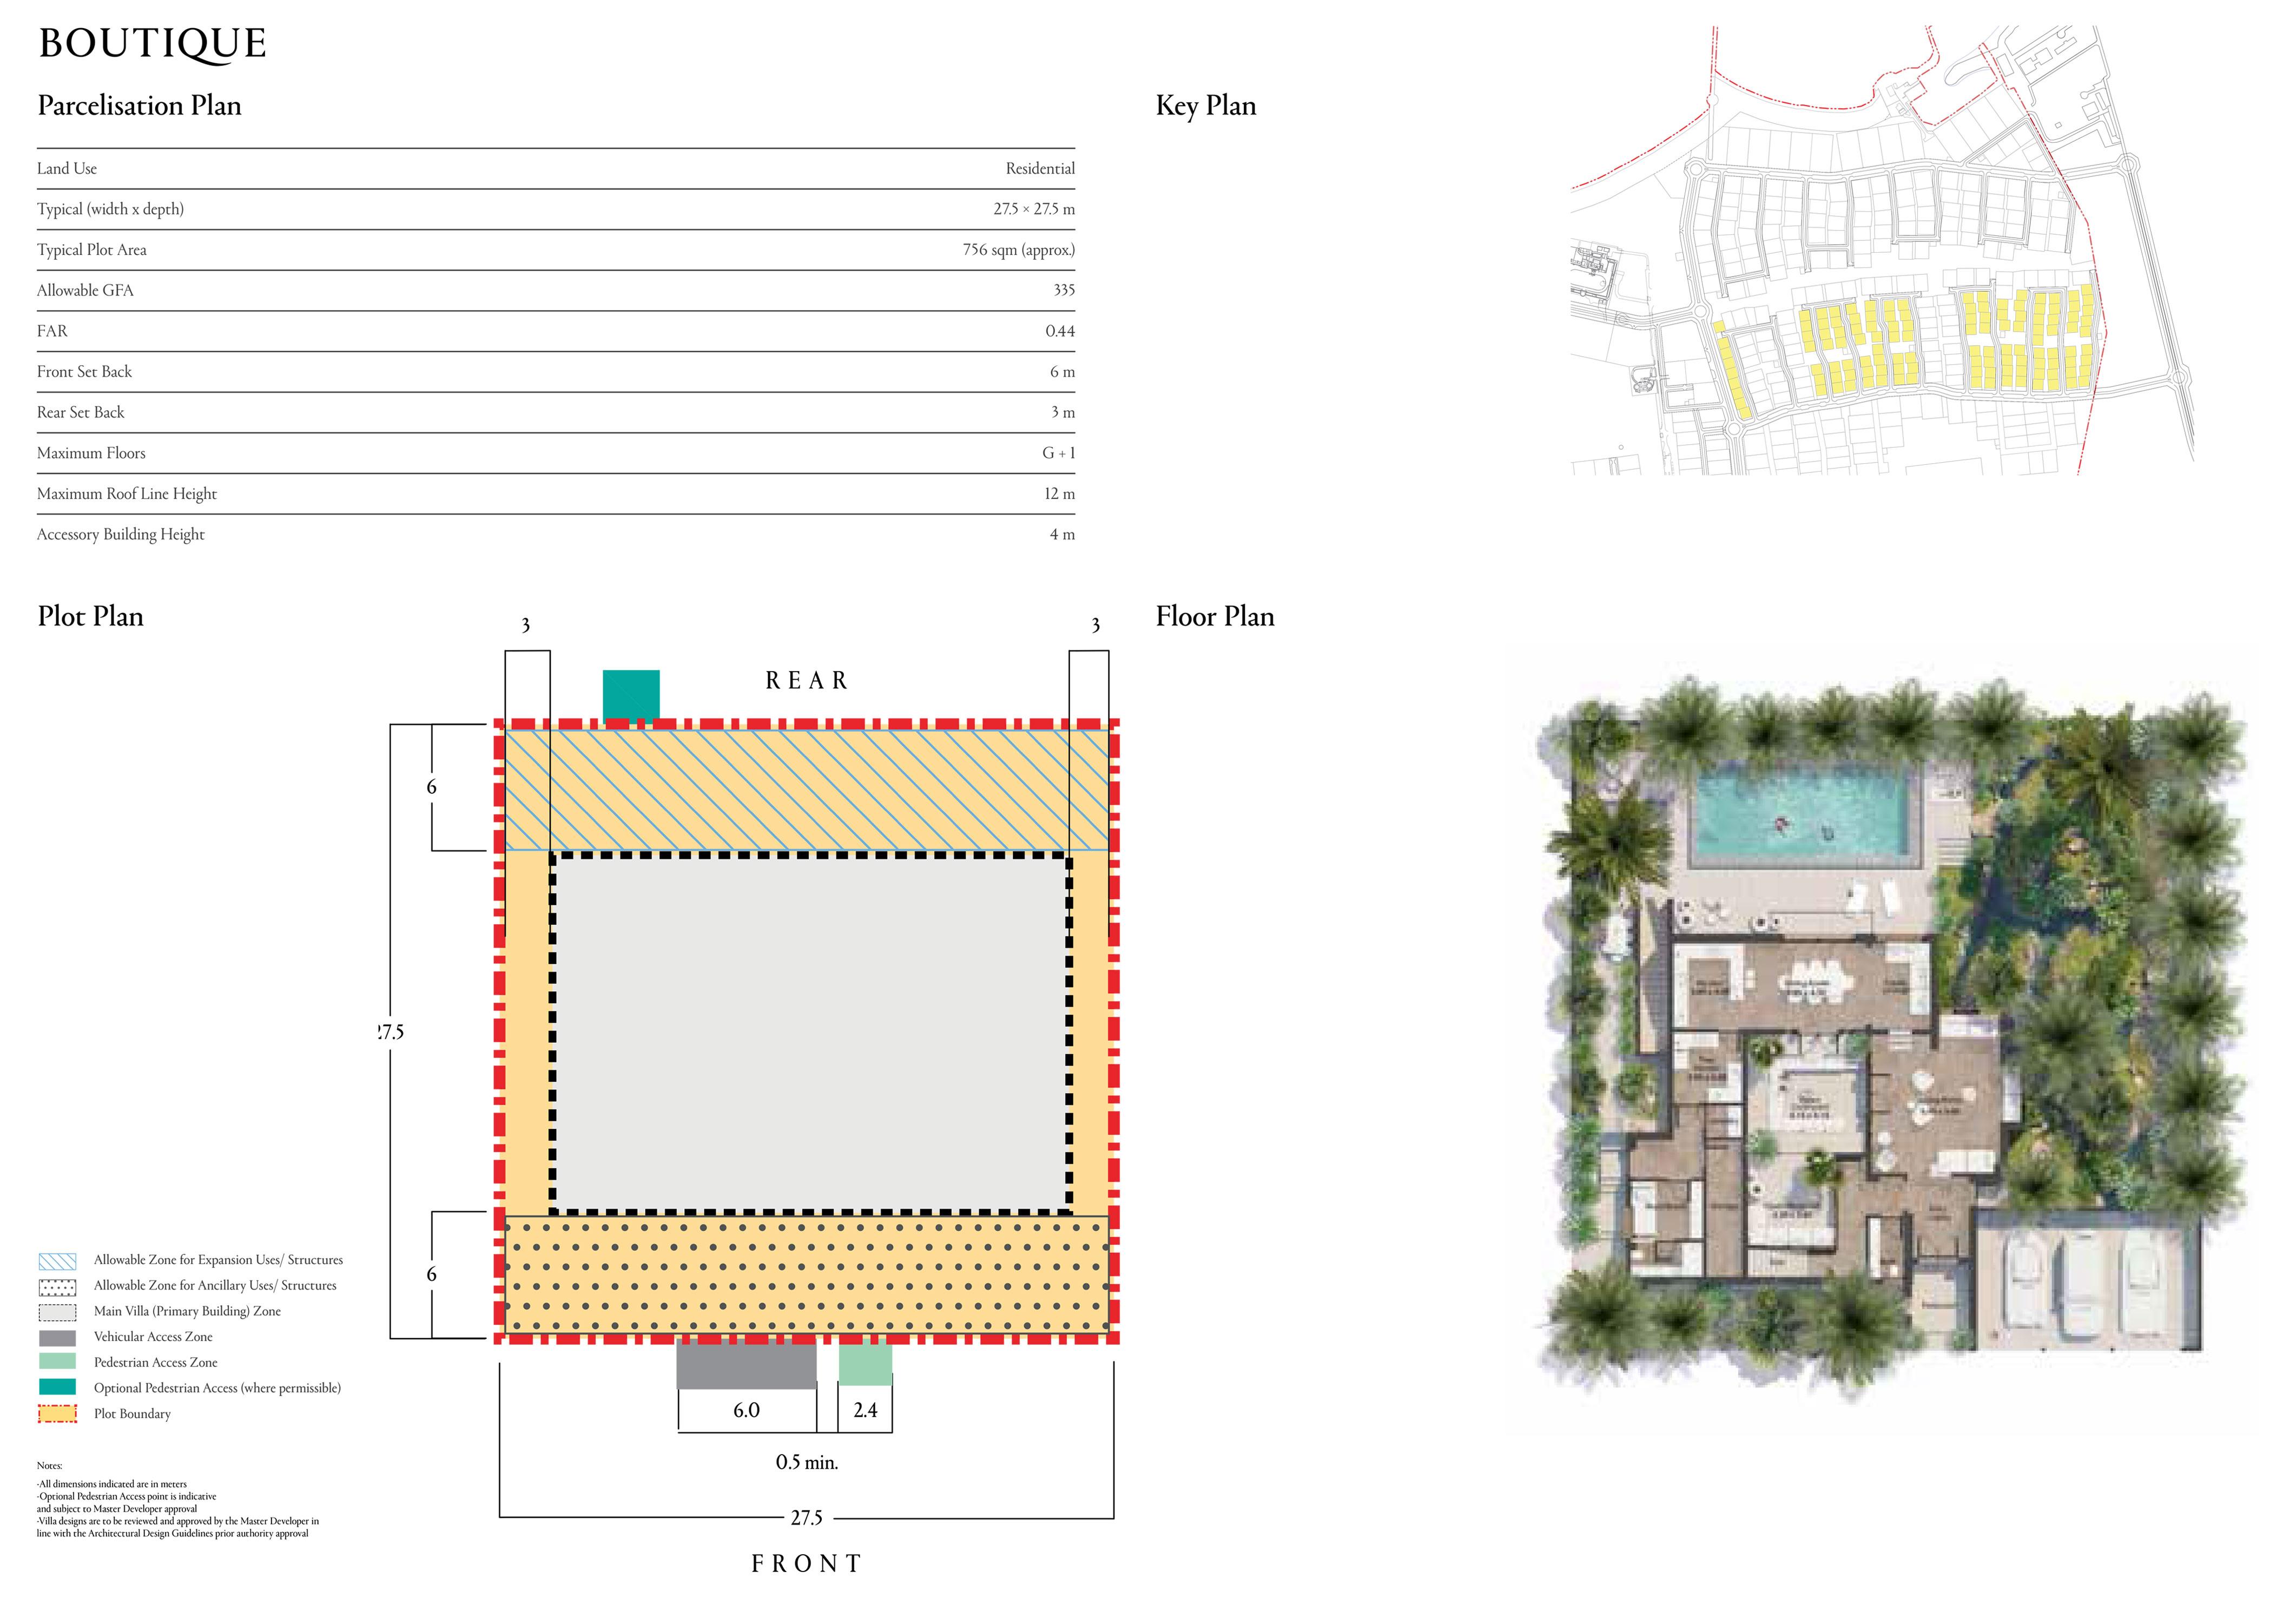 حجم القطعة النموذجية 756 متر مربع (27.5 × 27.5 مترًا)